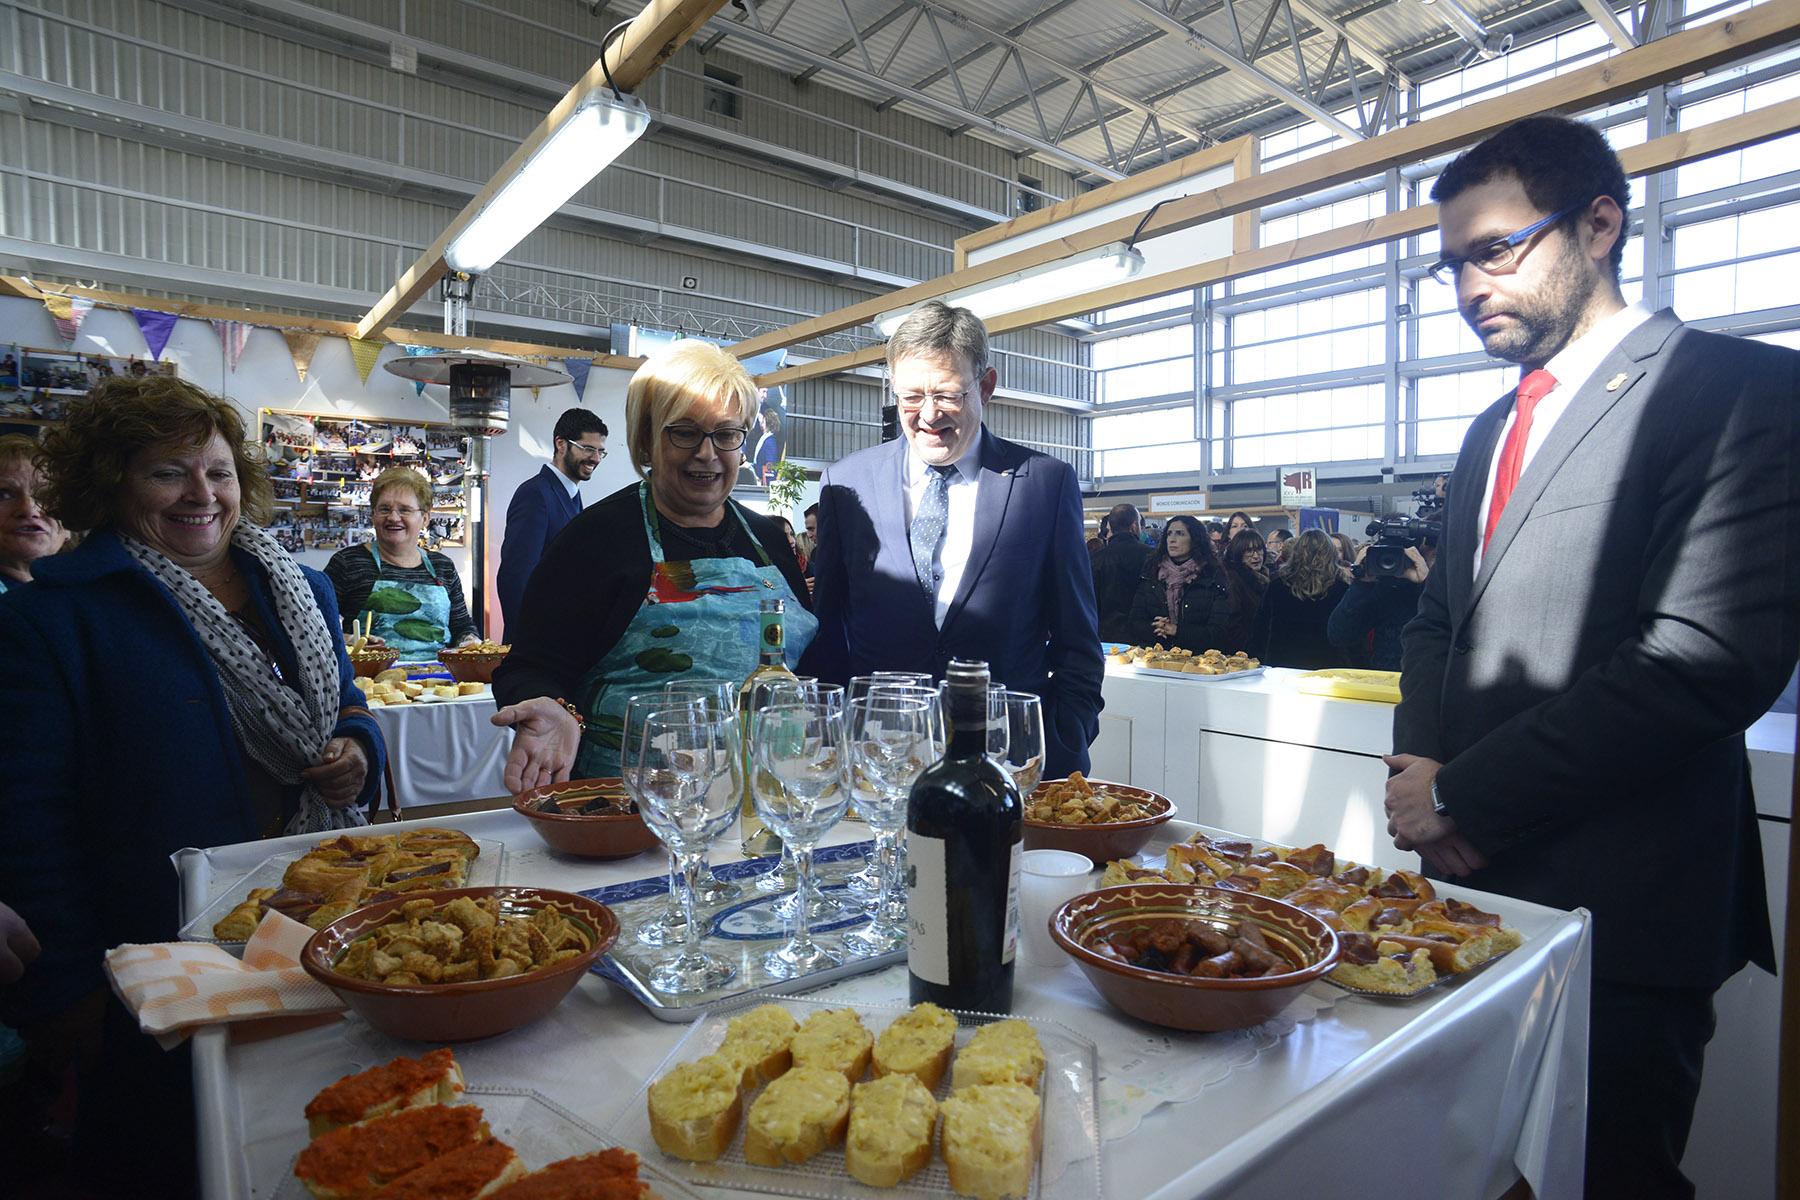 La inauguración de la XXV Muestra del Embutido Artesano y de Calidad de Requena, ha estado presidida por el president de la Generalitat Valenciana, Ximo Puig.